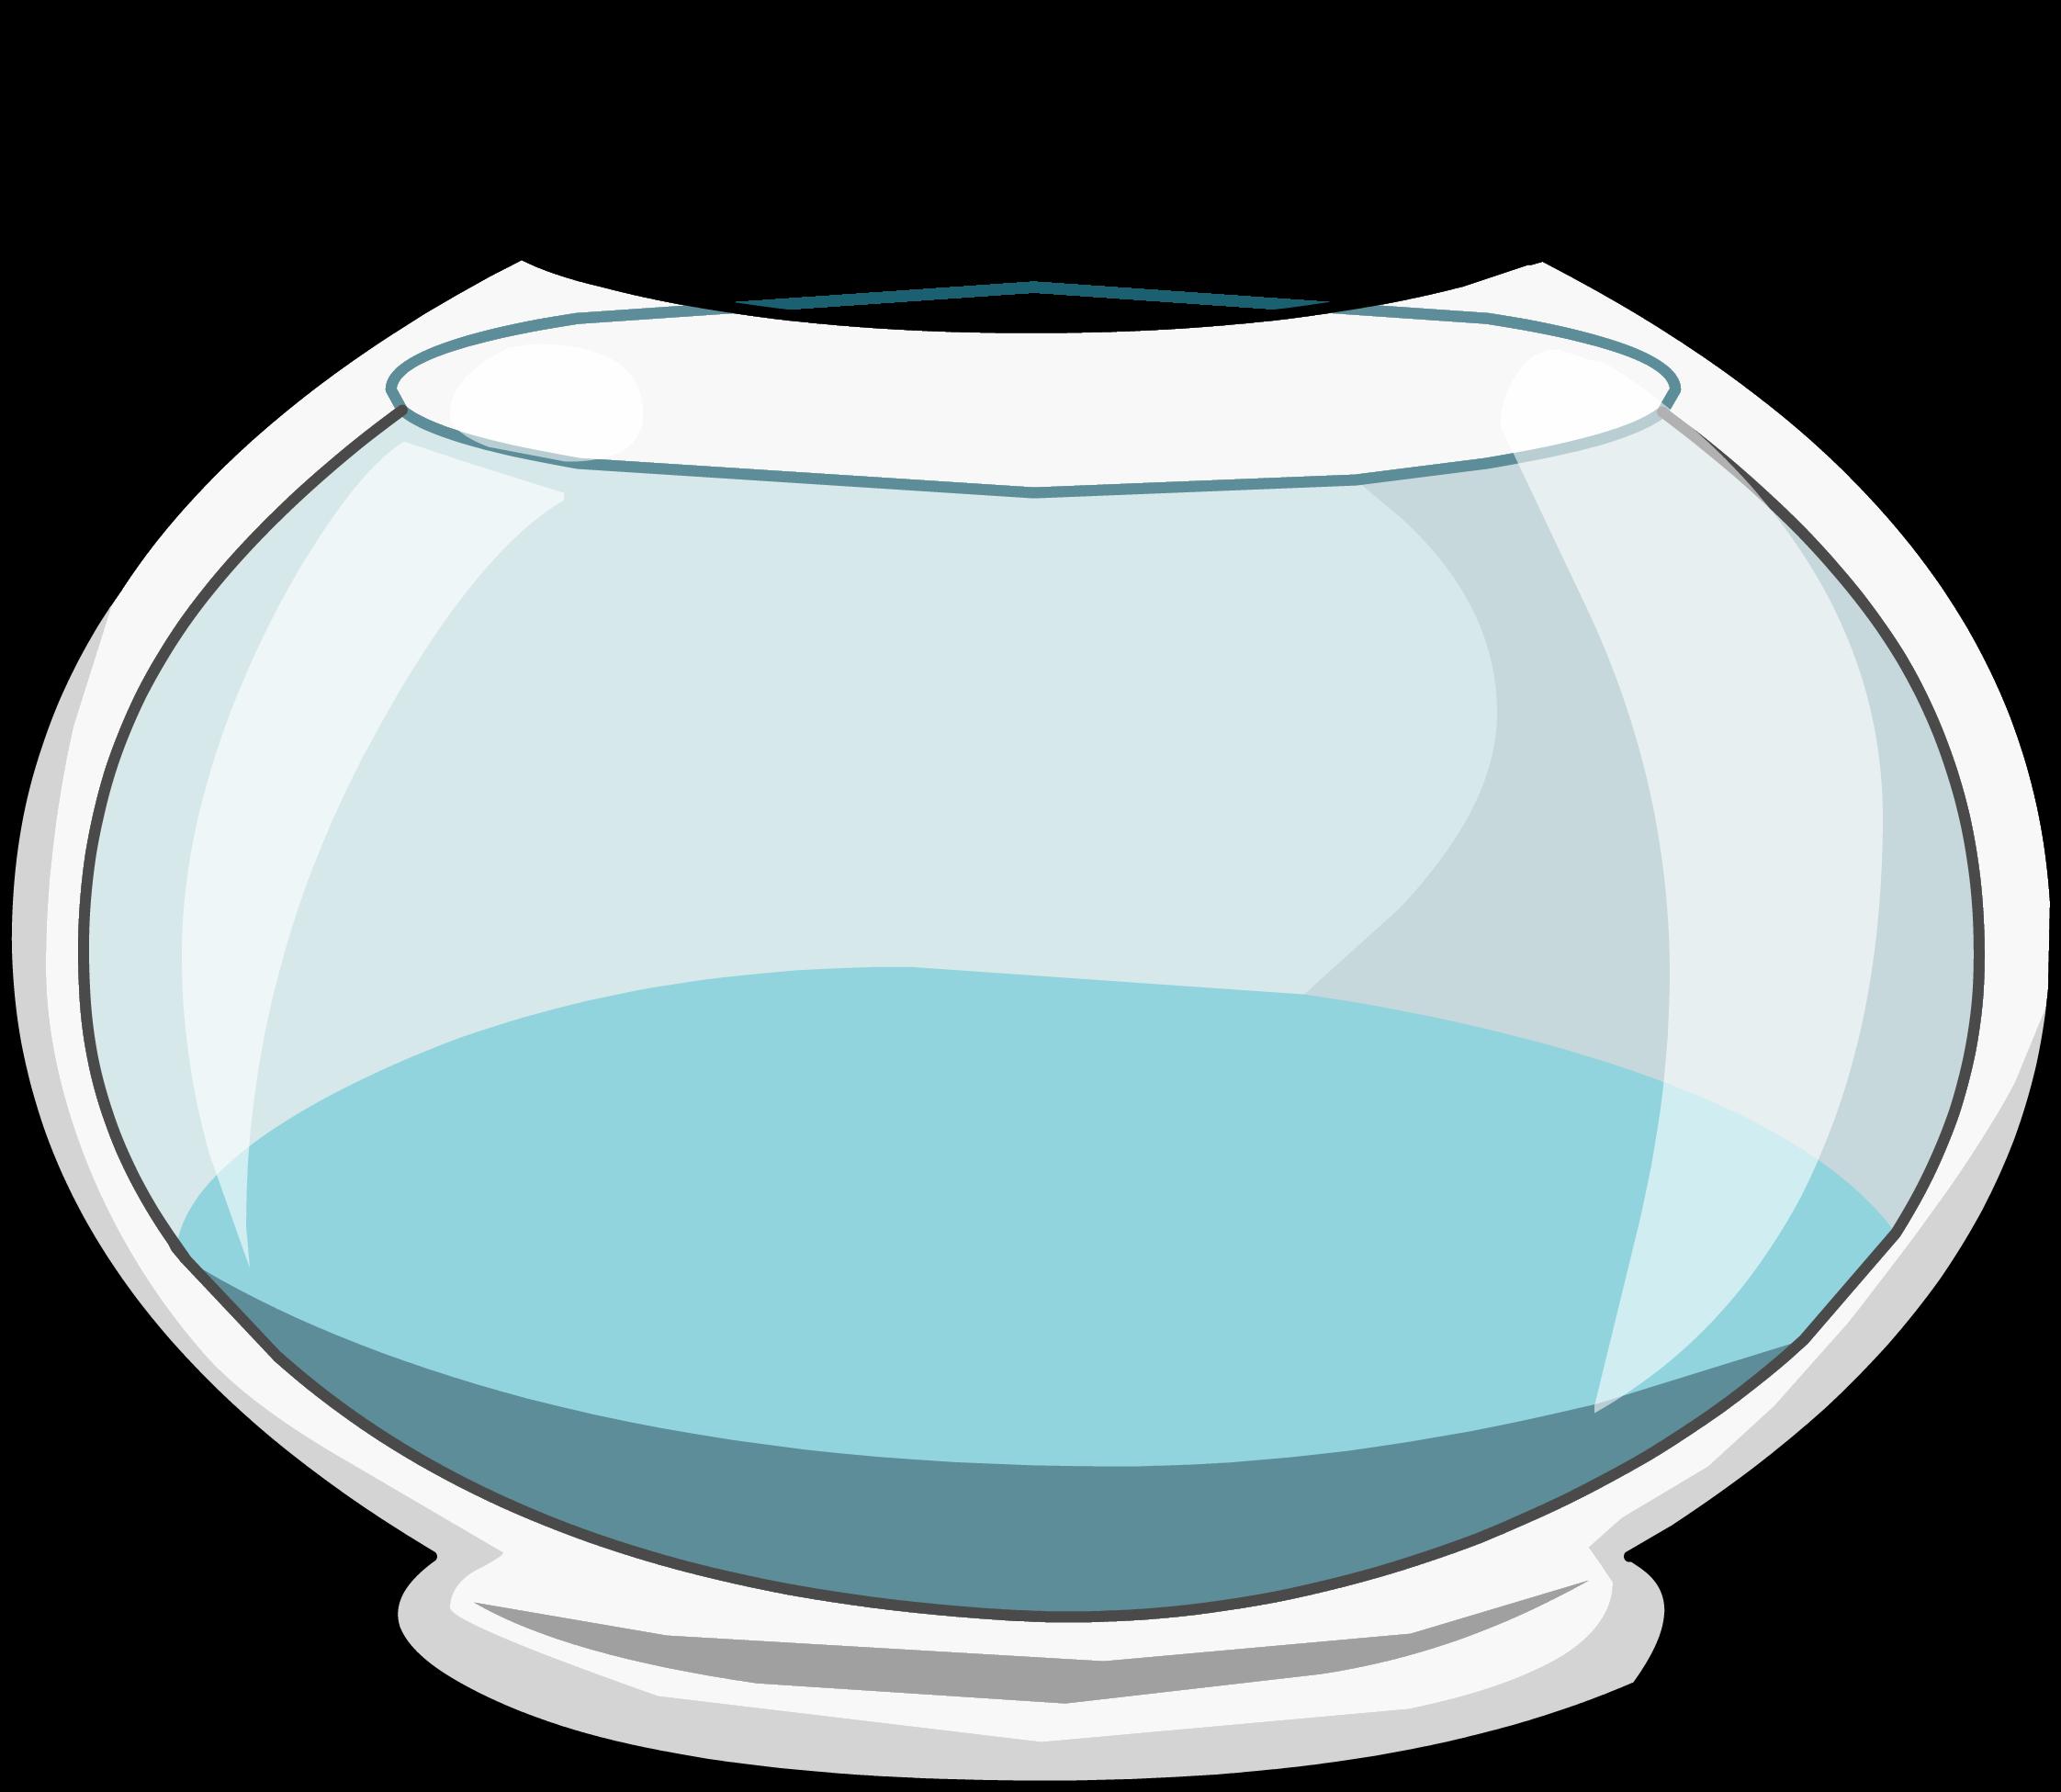 Fish bowl group fishbowl. Fishing clipart vector